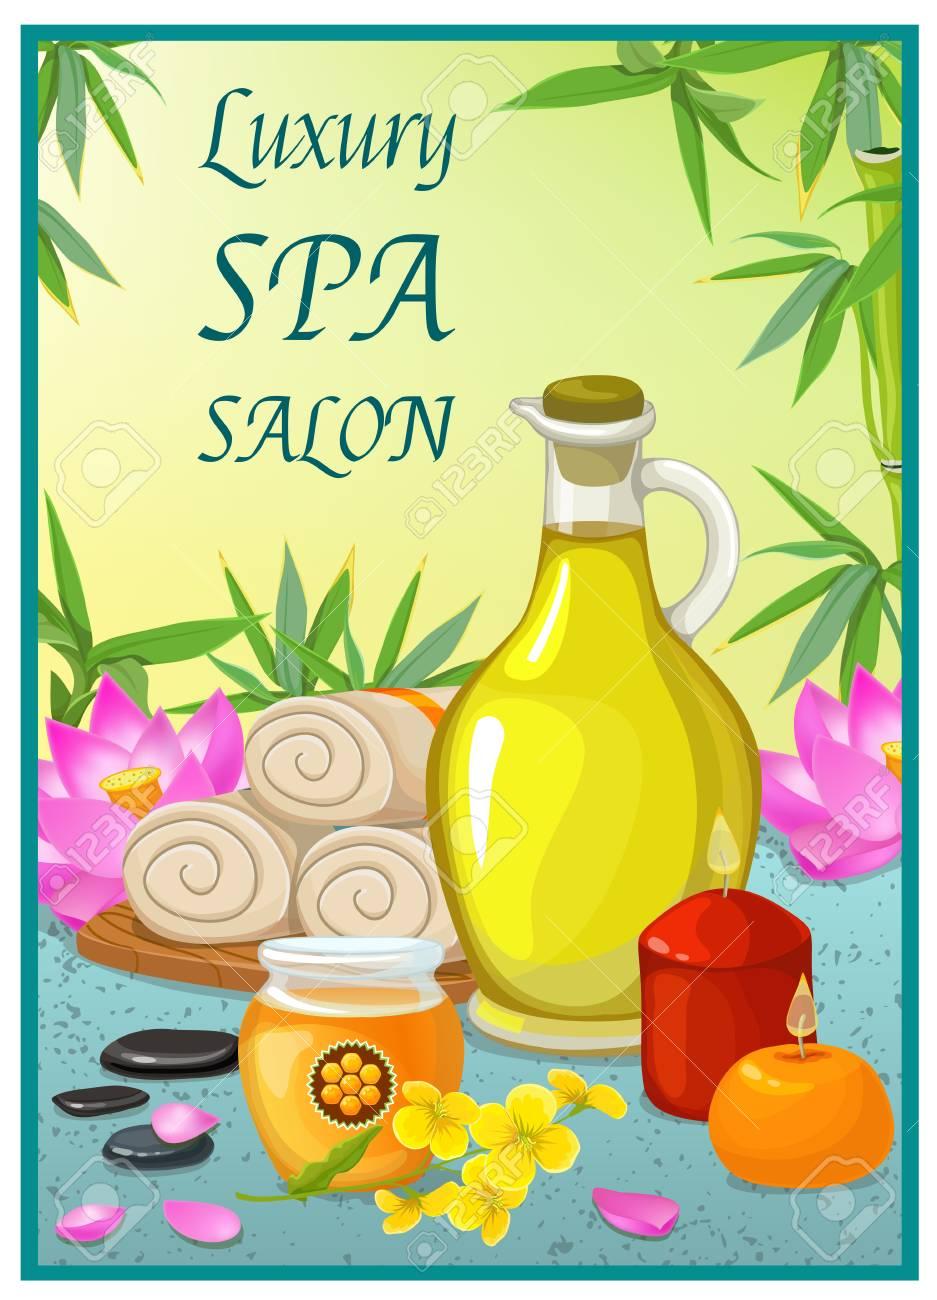 Spa Salon Plakat Mit Kosmetischen Ol Glas Honig Kerzen Und